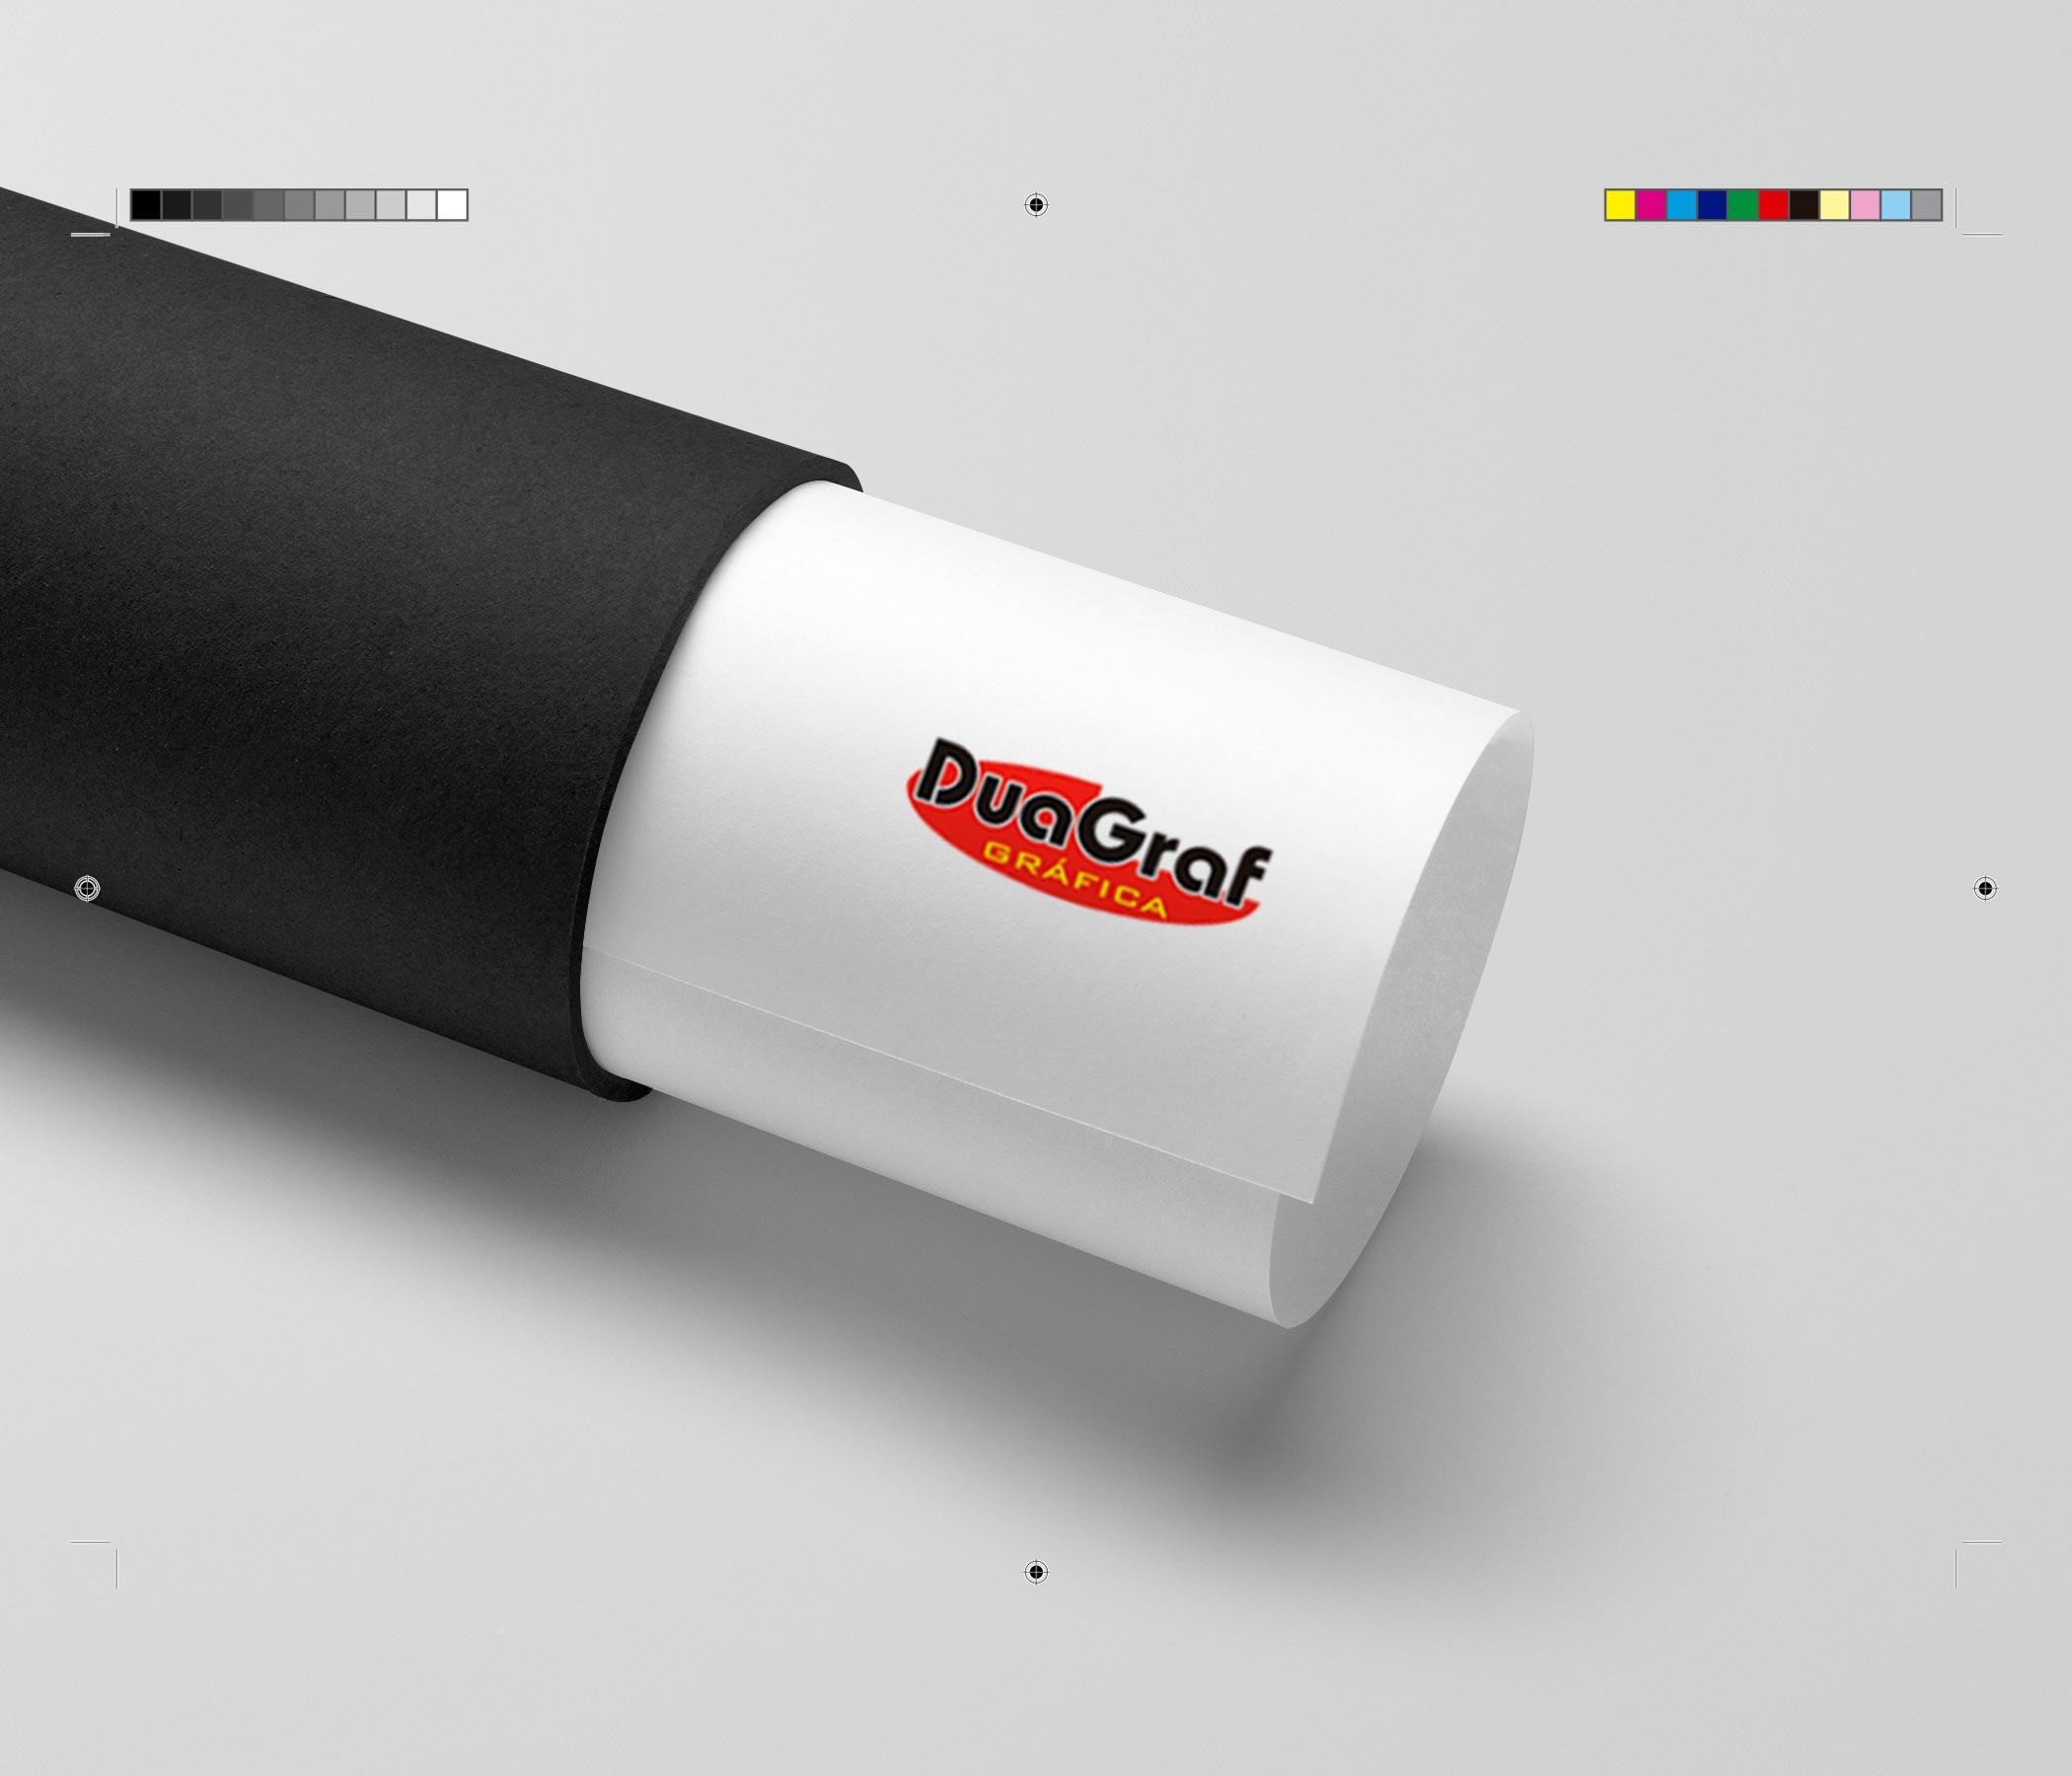 duagraf-servicos-graficos-impressoes